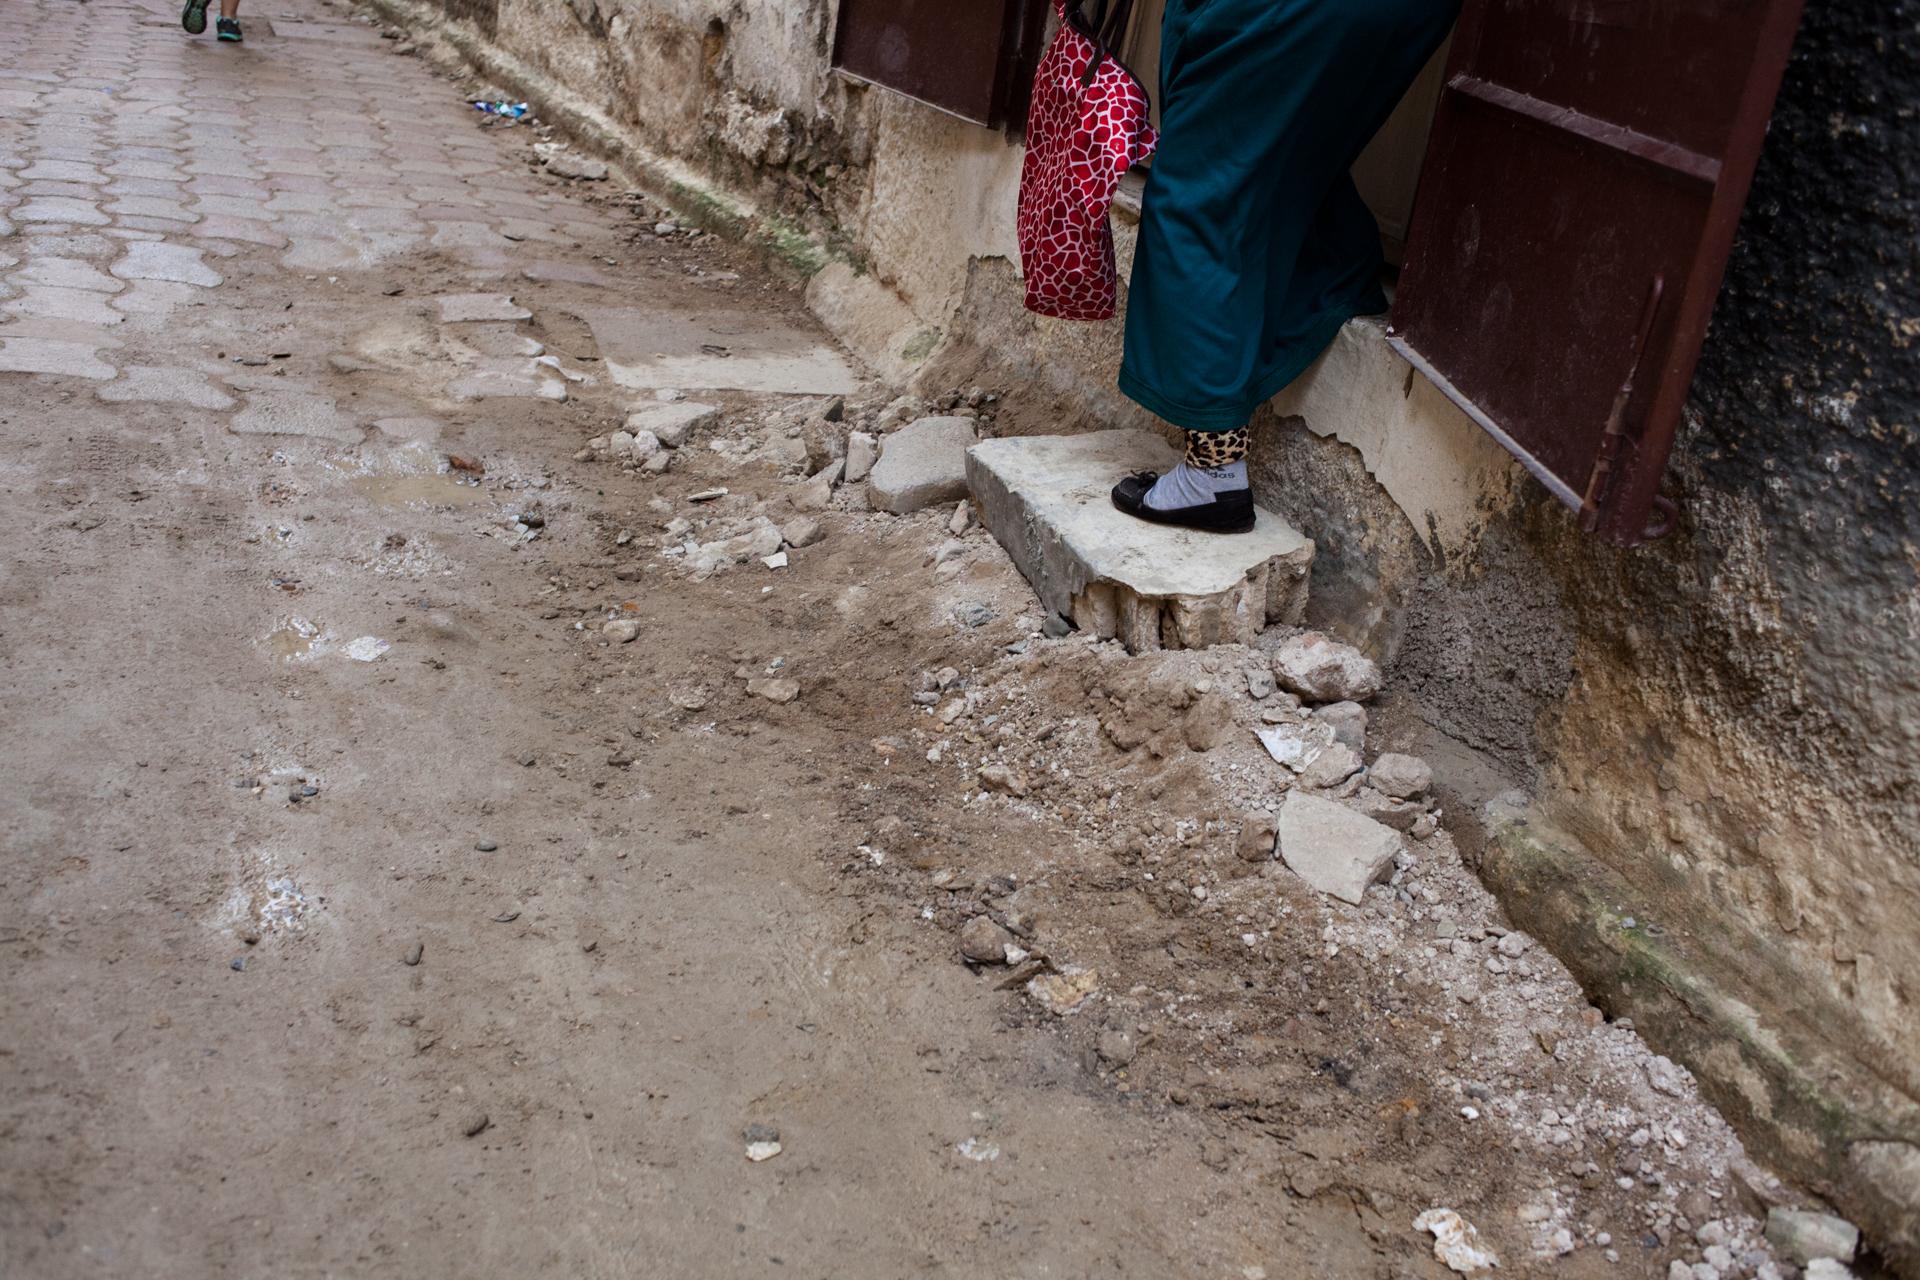 Morocco_Apr15__by_kingmouf-54